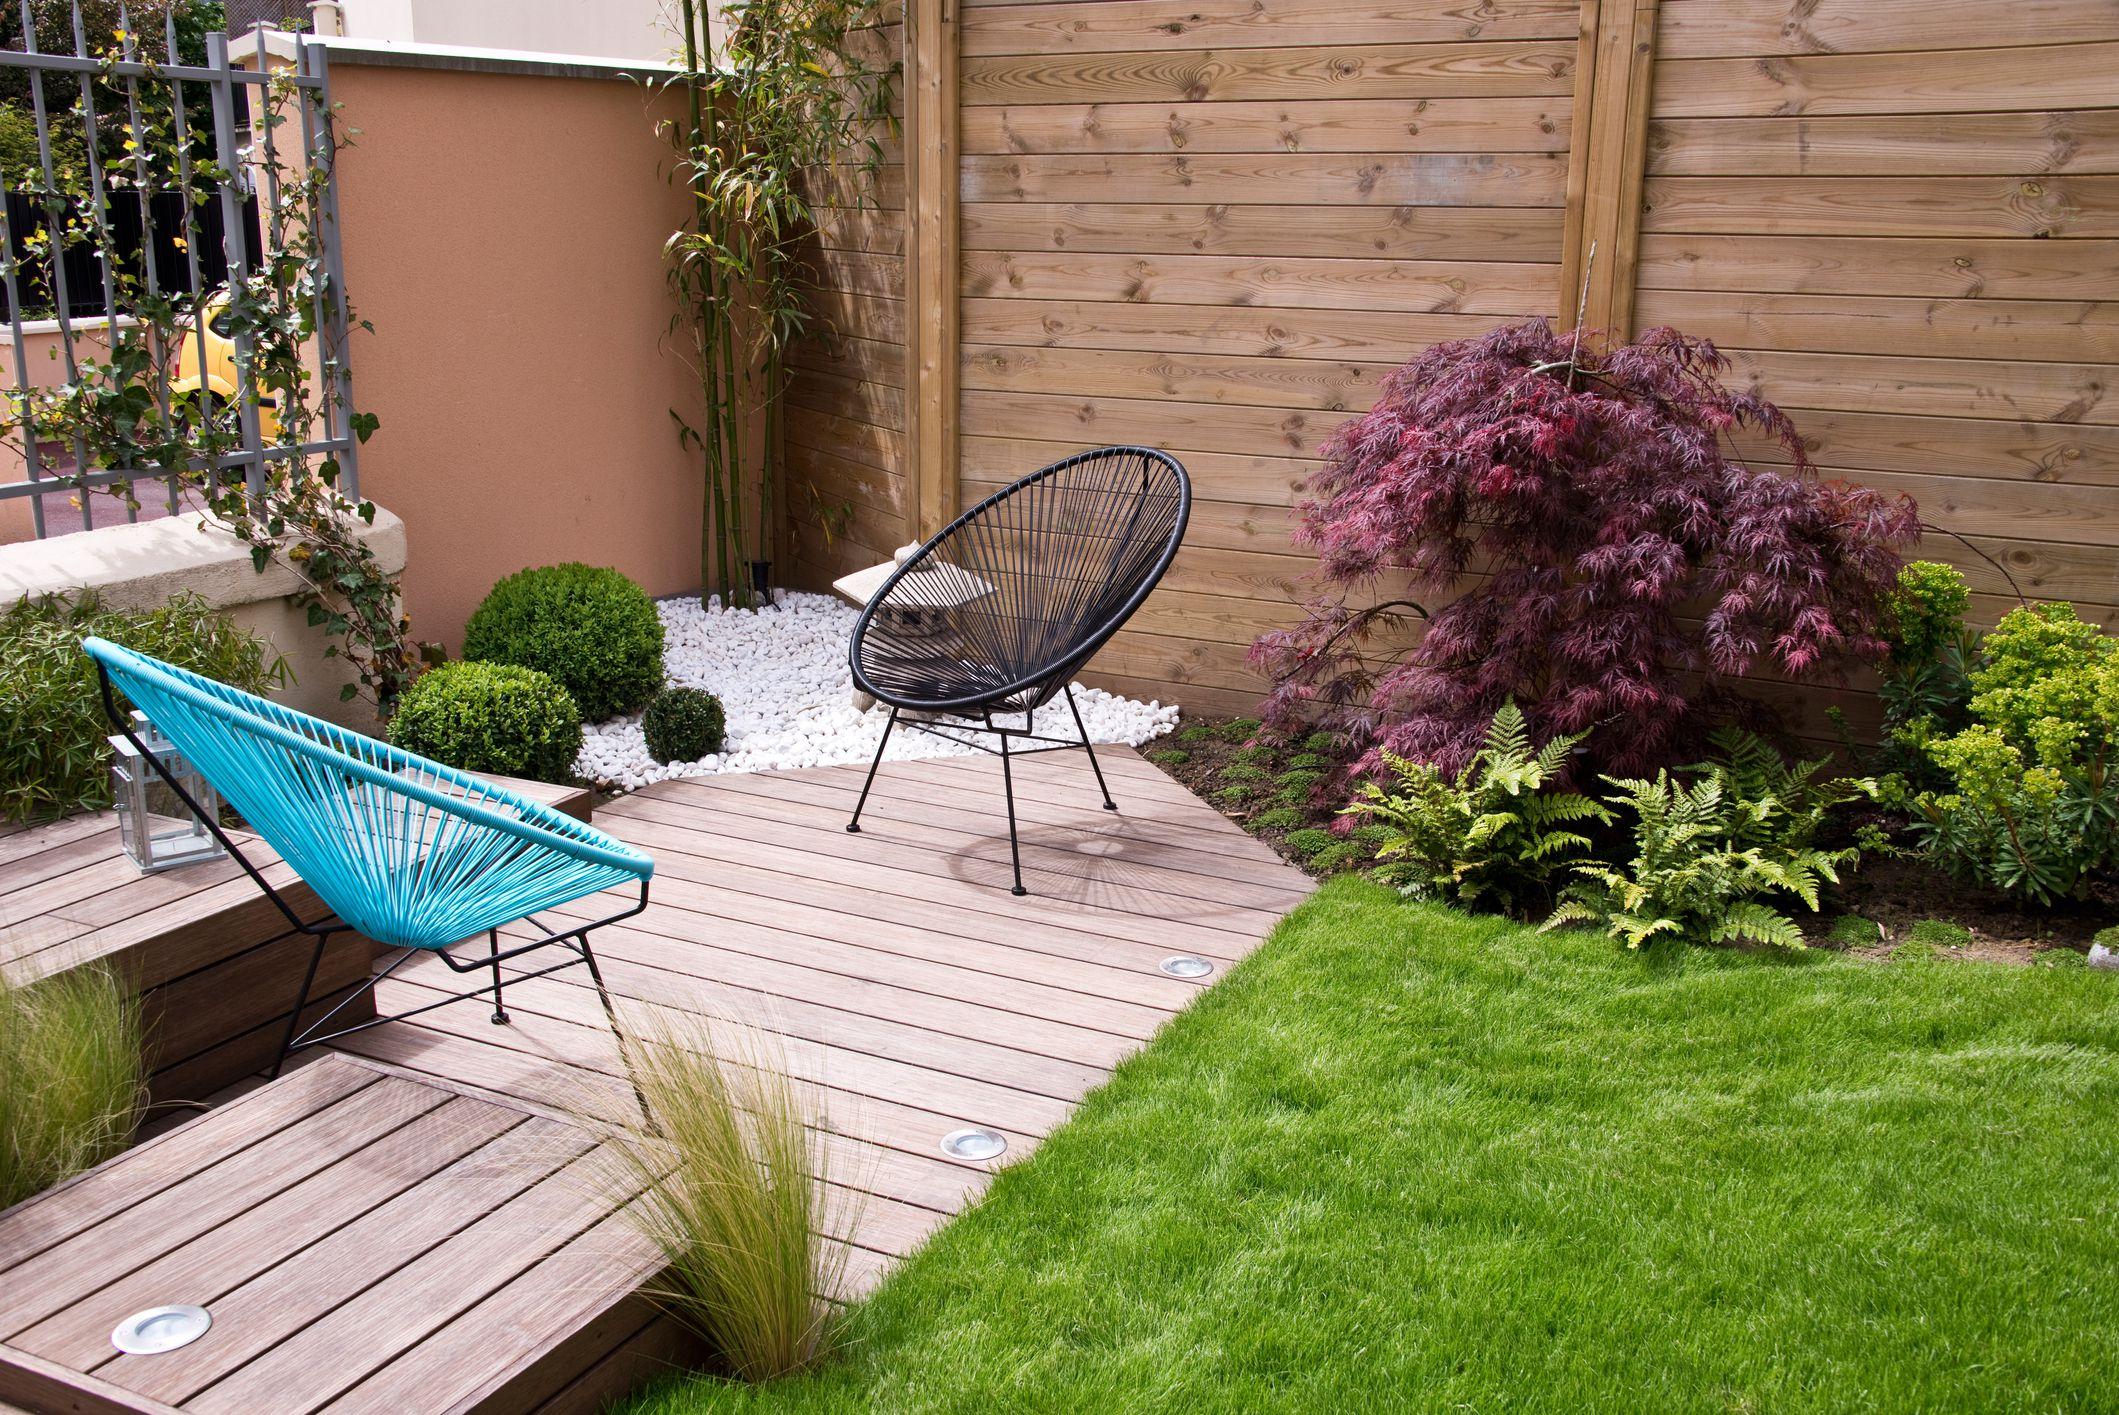 9 Small Garden Design Ideas On A Budget - Small Garden Ideas